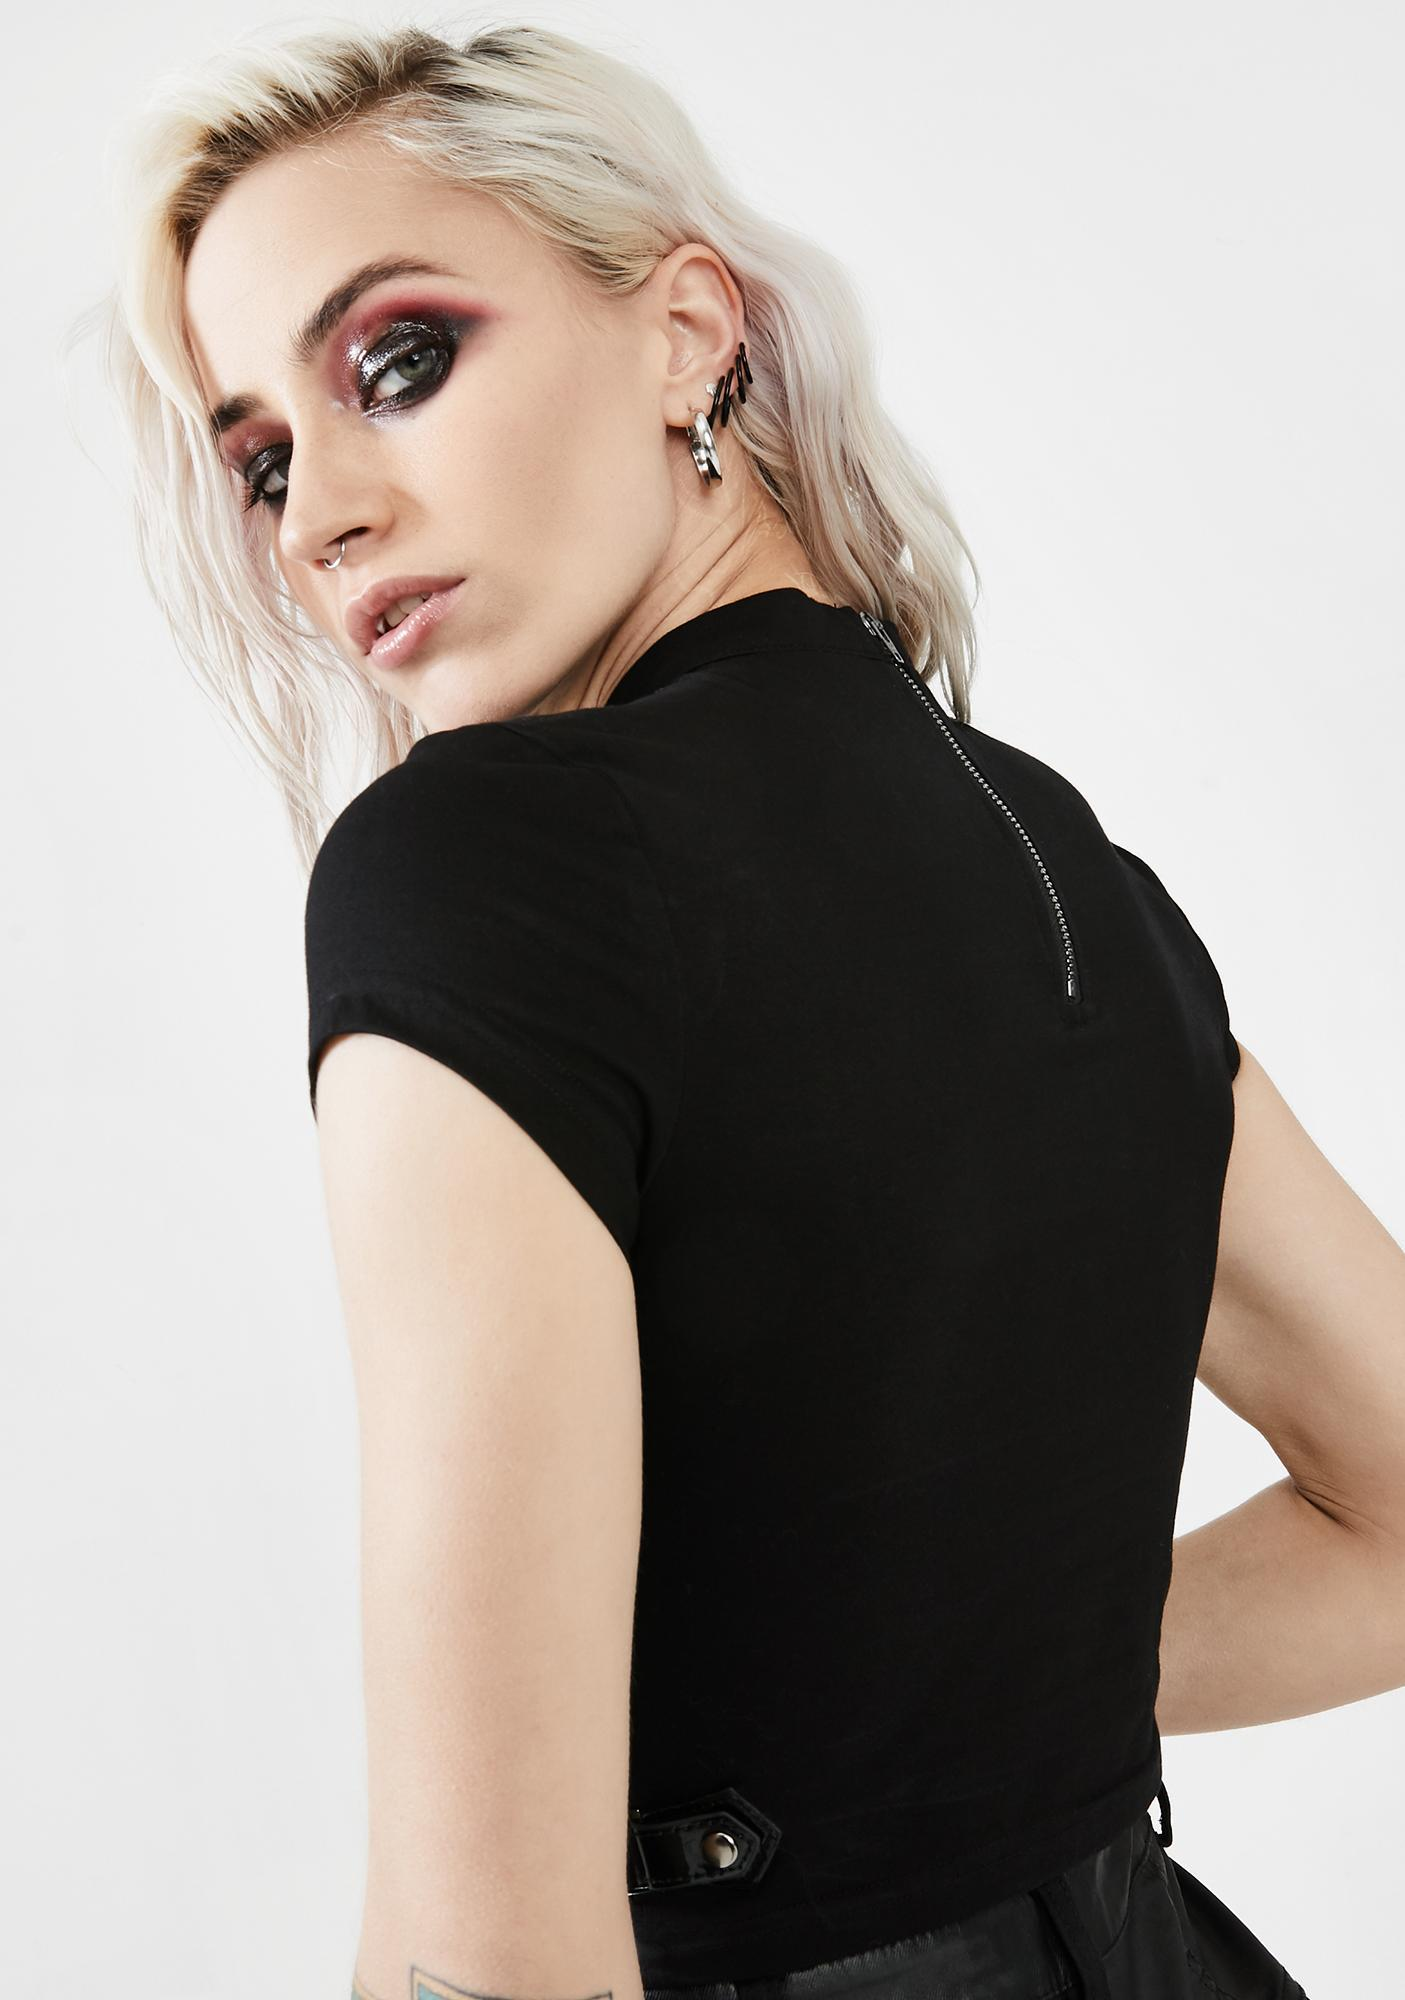 Punk Rave Black Lace Up Crop Top